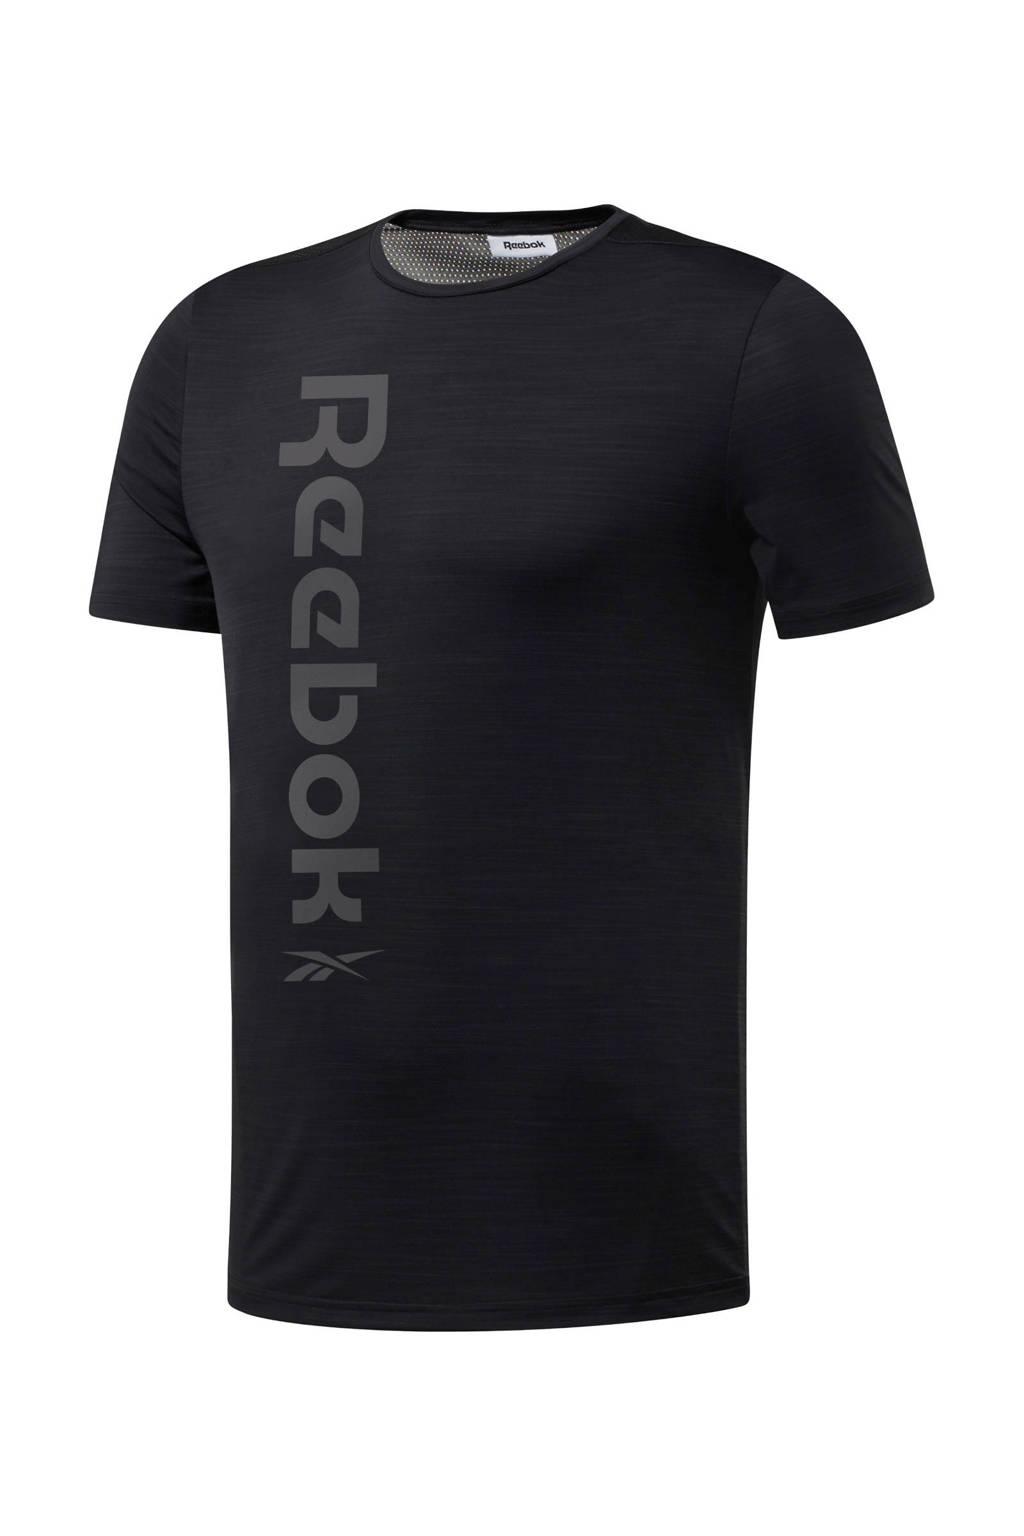 Reebok Training   sport T-shirt zwart/grijs, Zwart/grijs